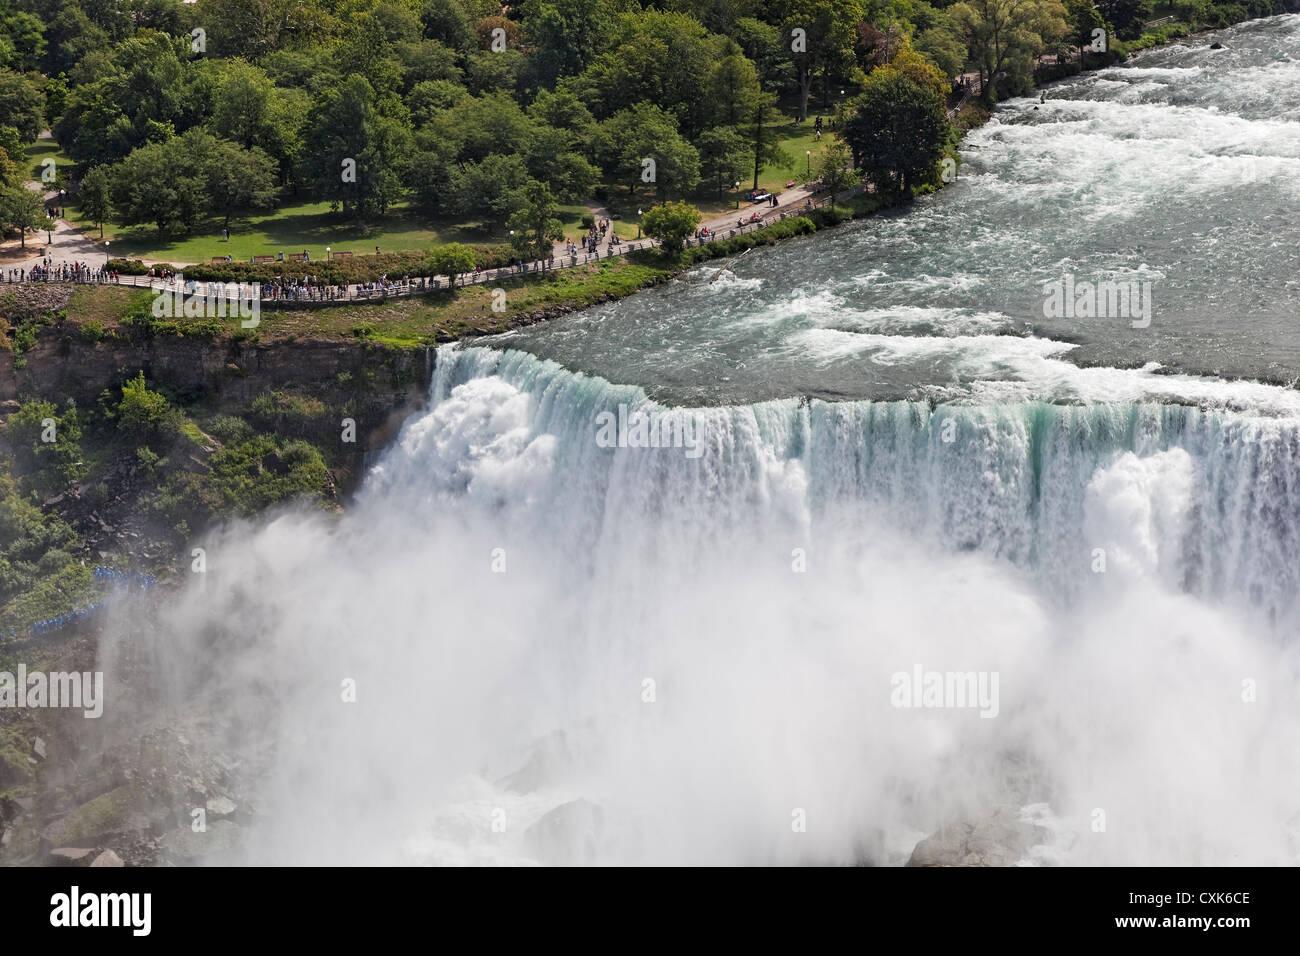 Visitors at the American Falls at Niagara Falls. - Stock Image